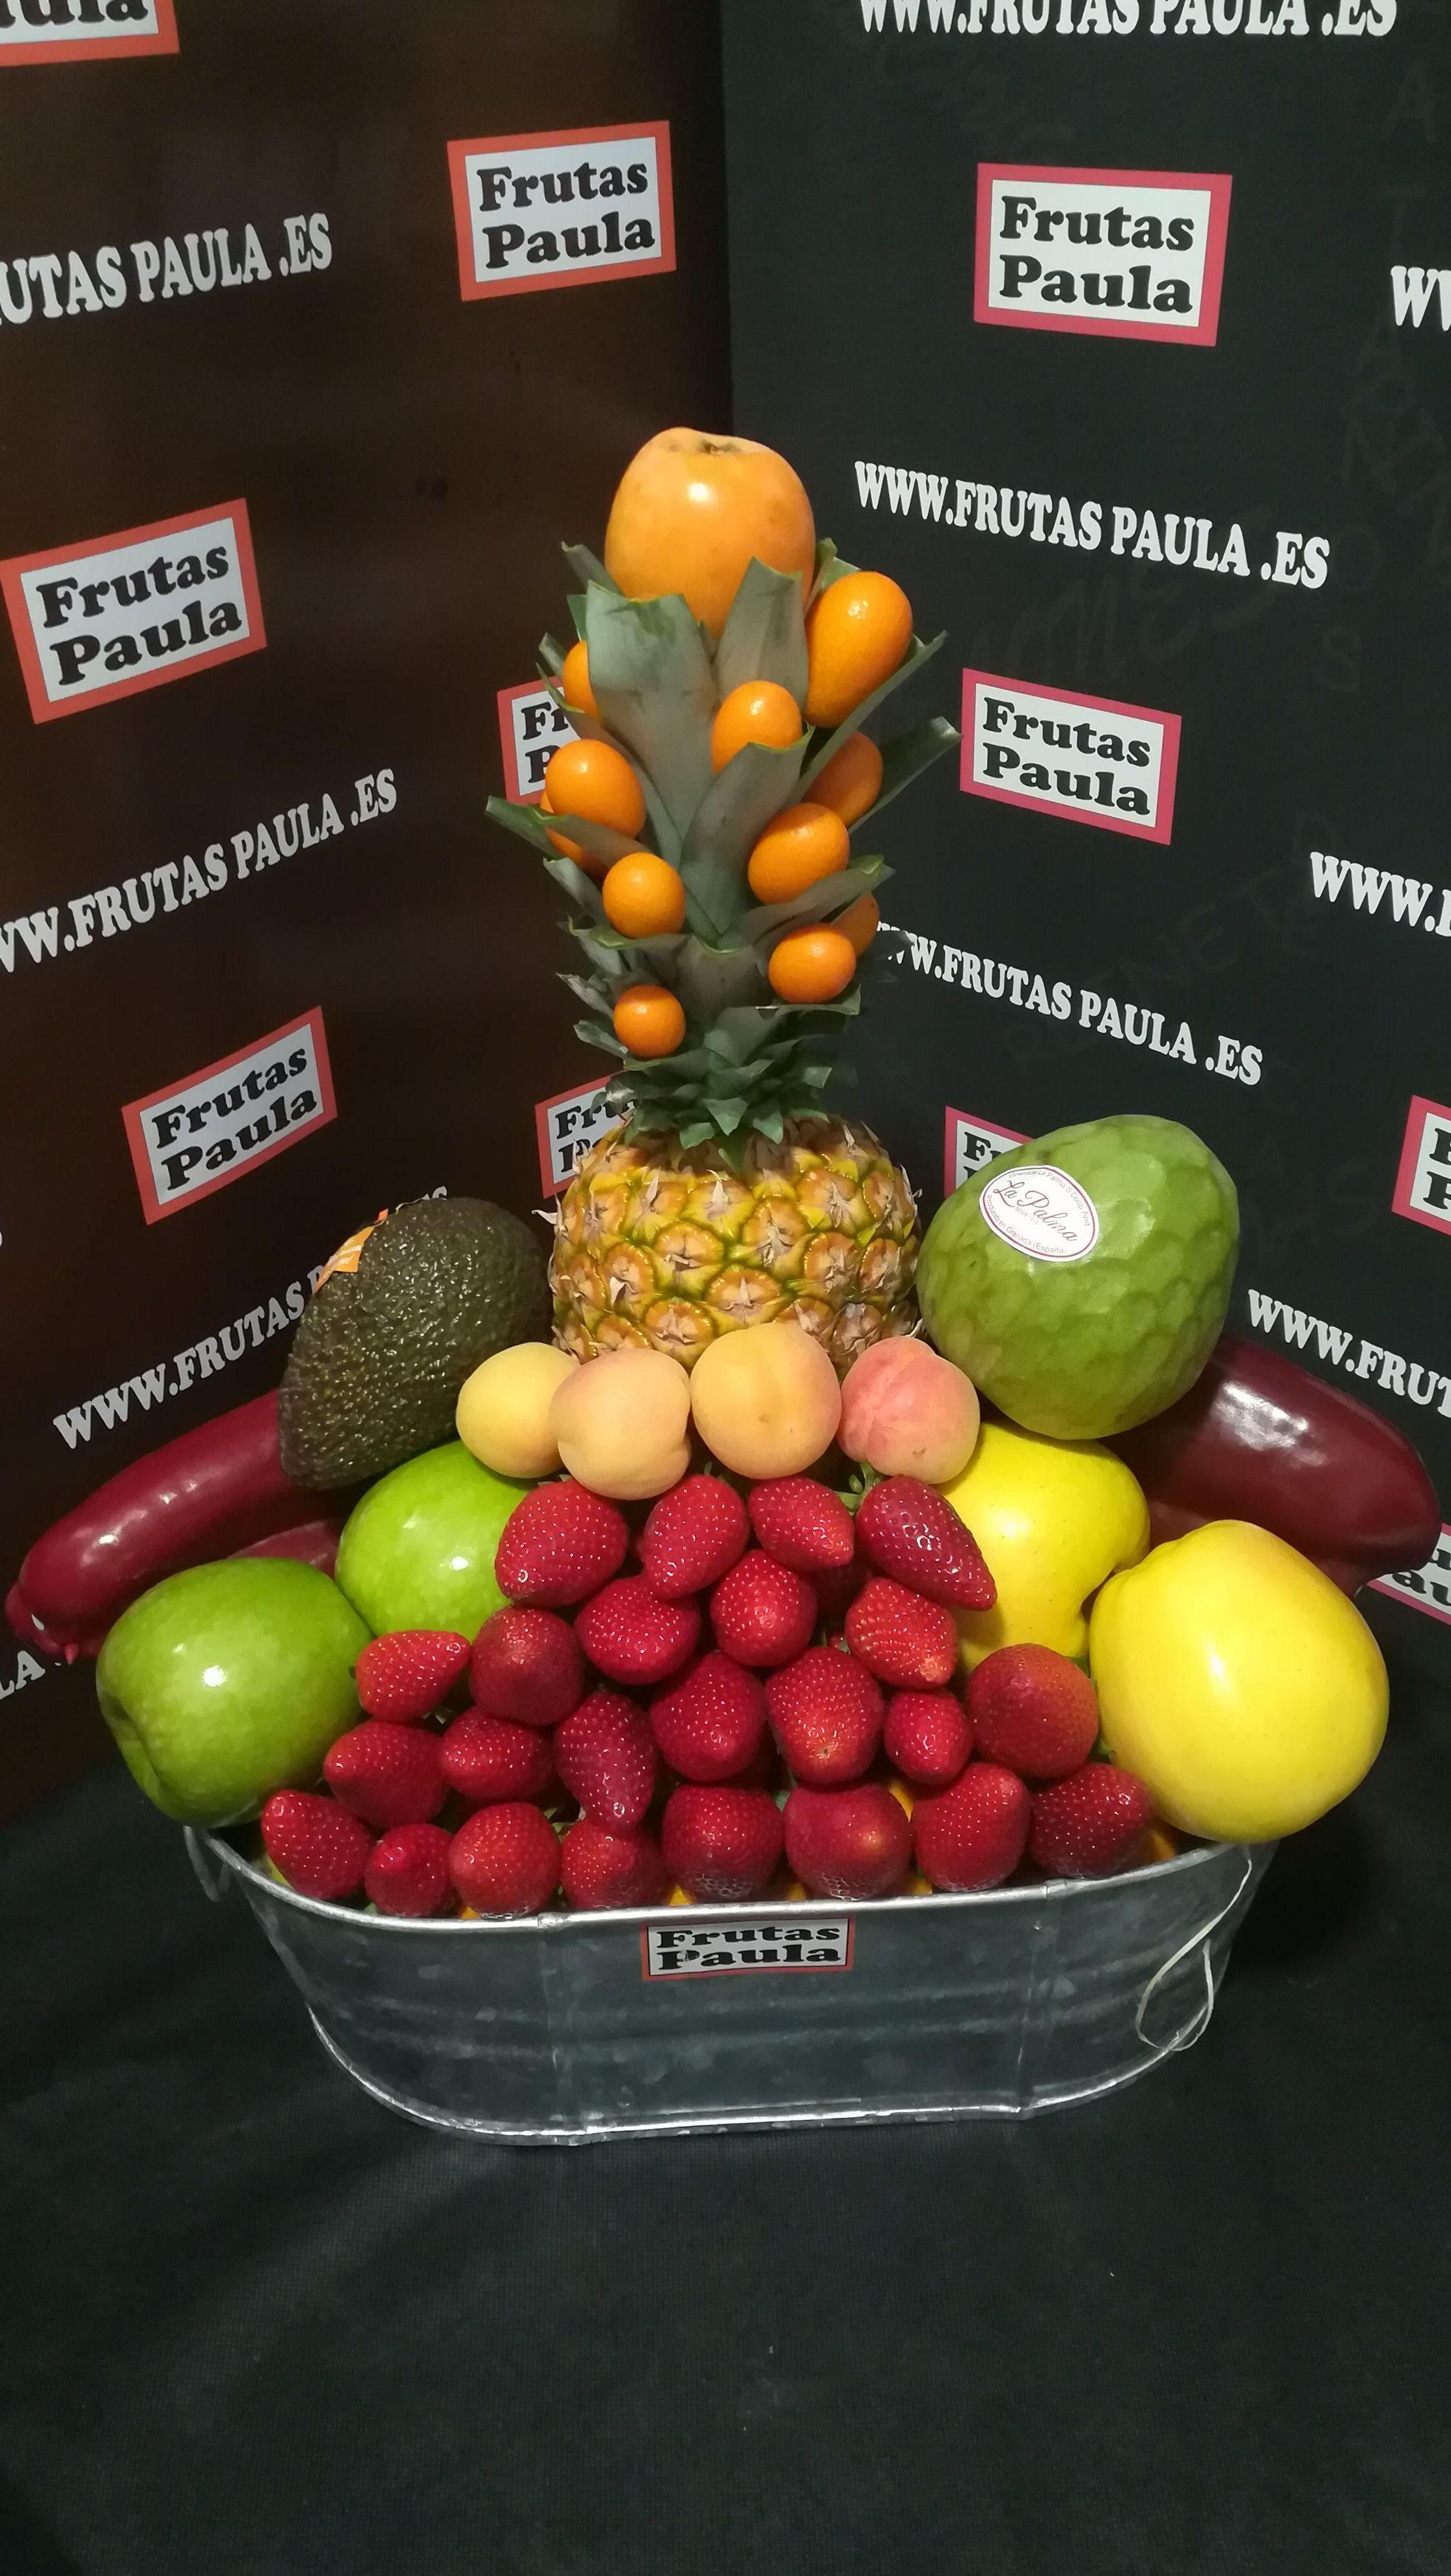 Fruterías Frutas Paula